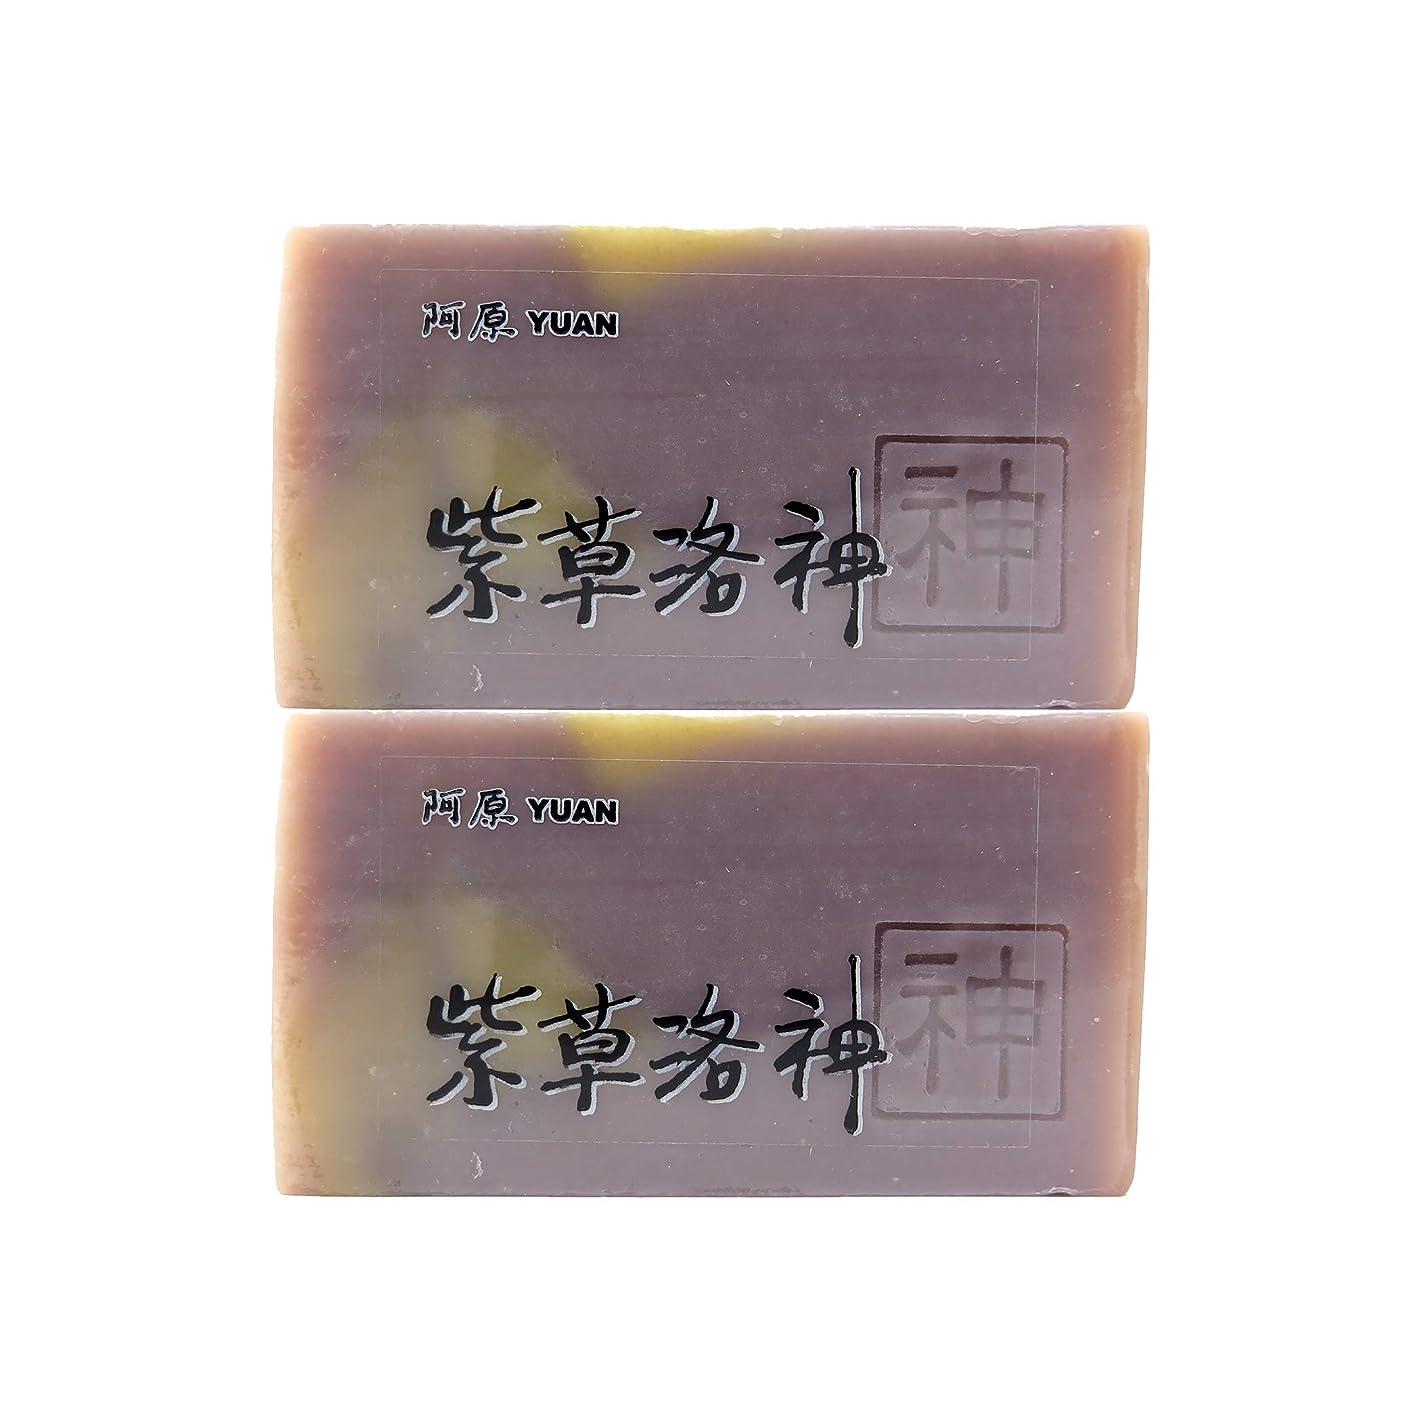 に勝るウォーターフロント言語学ユアン(YUAN) ハイビスカスソープ 100g (2個セット)